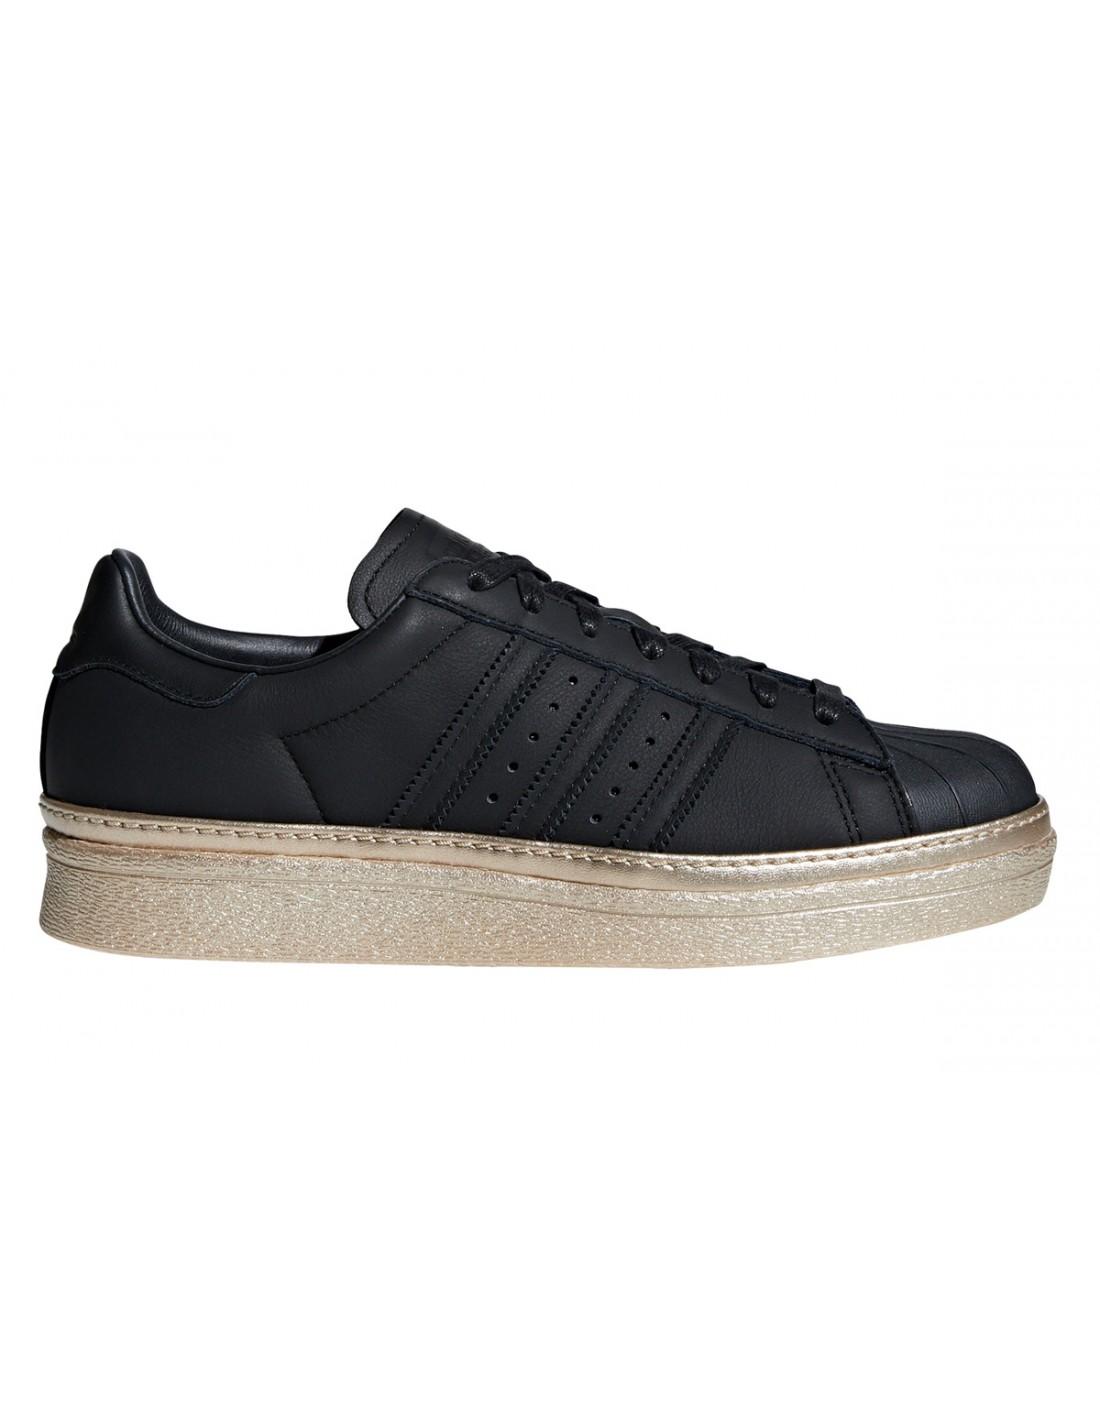 e436482b858 ... Adidas Originals Superstar Bold Black / White BA7667 ...